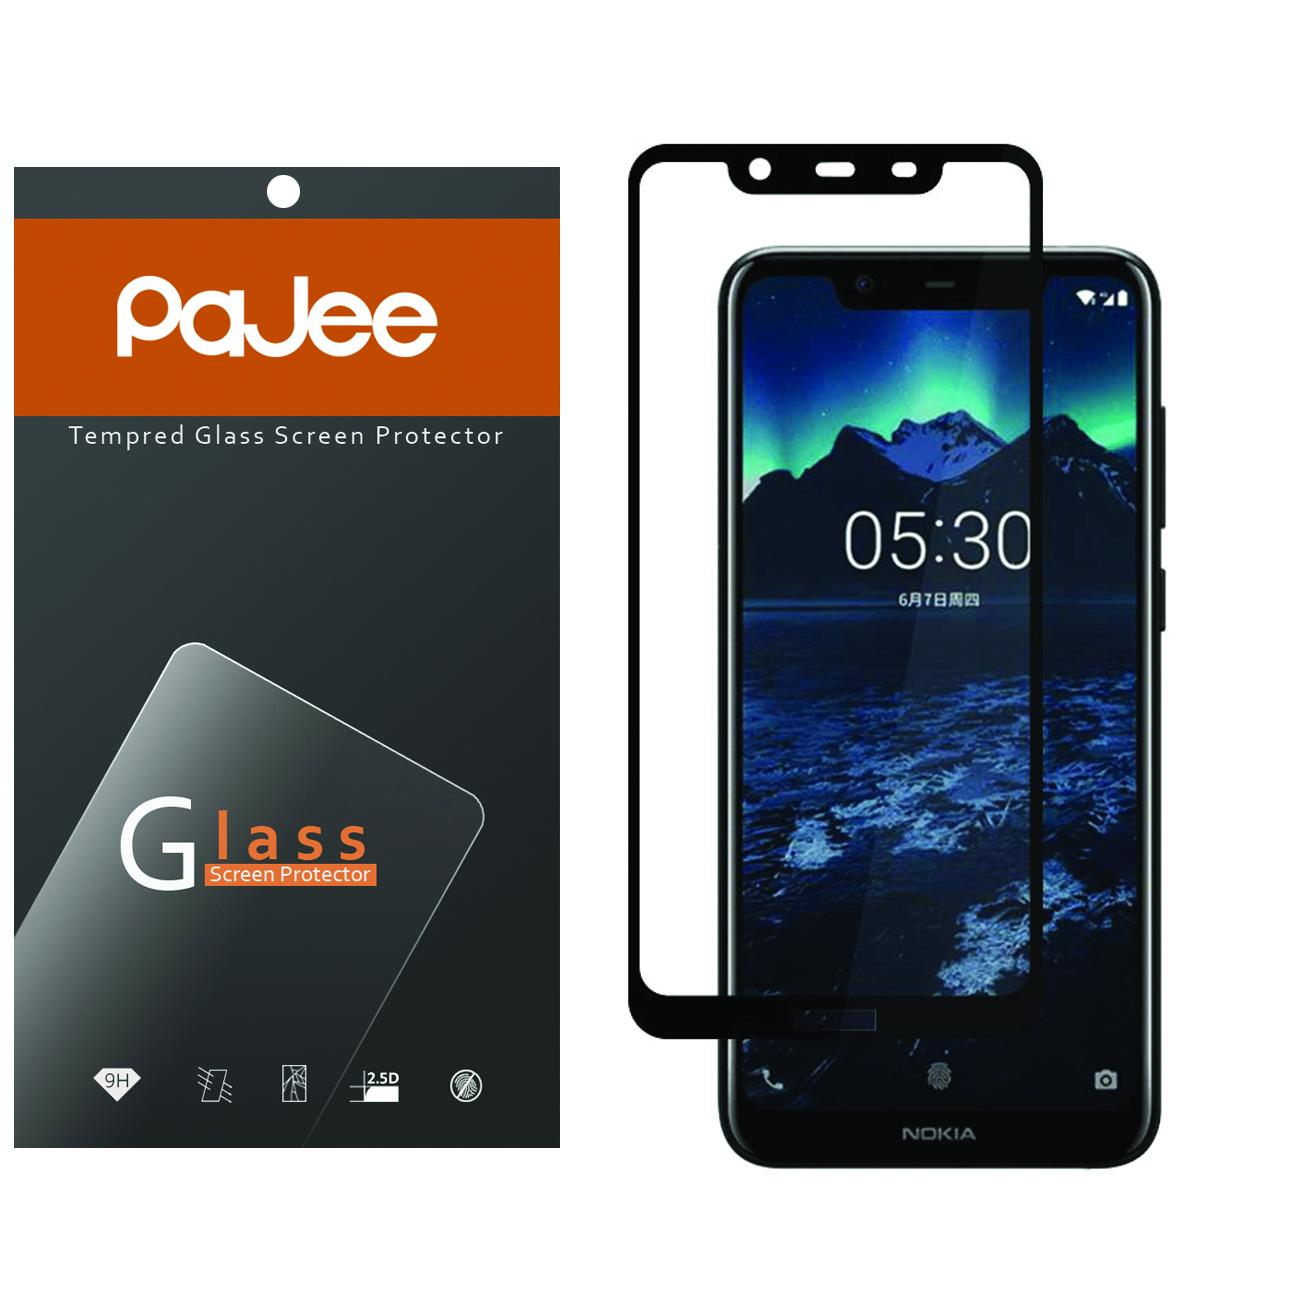 محافظ صفحه نمایش پاجی مدل P-NX7 مناسب برای گوشی موبایل نوکیا X7 / 7.1 PLUS/8.1